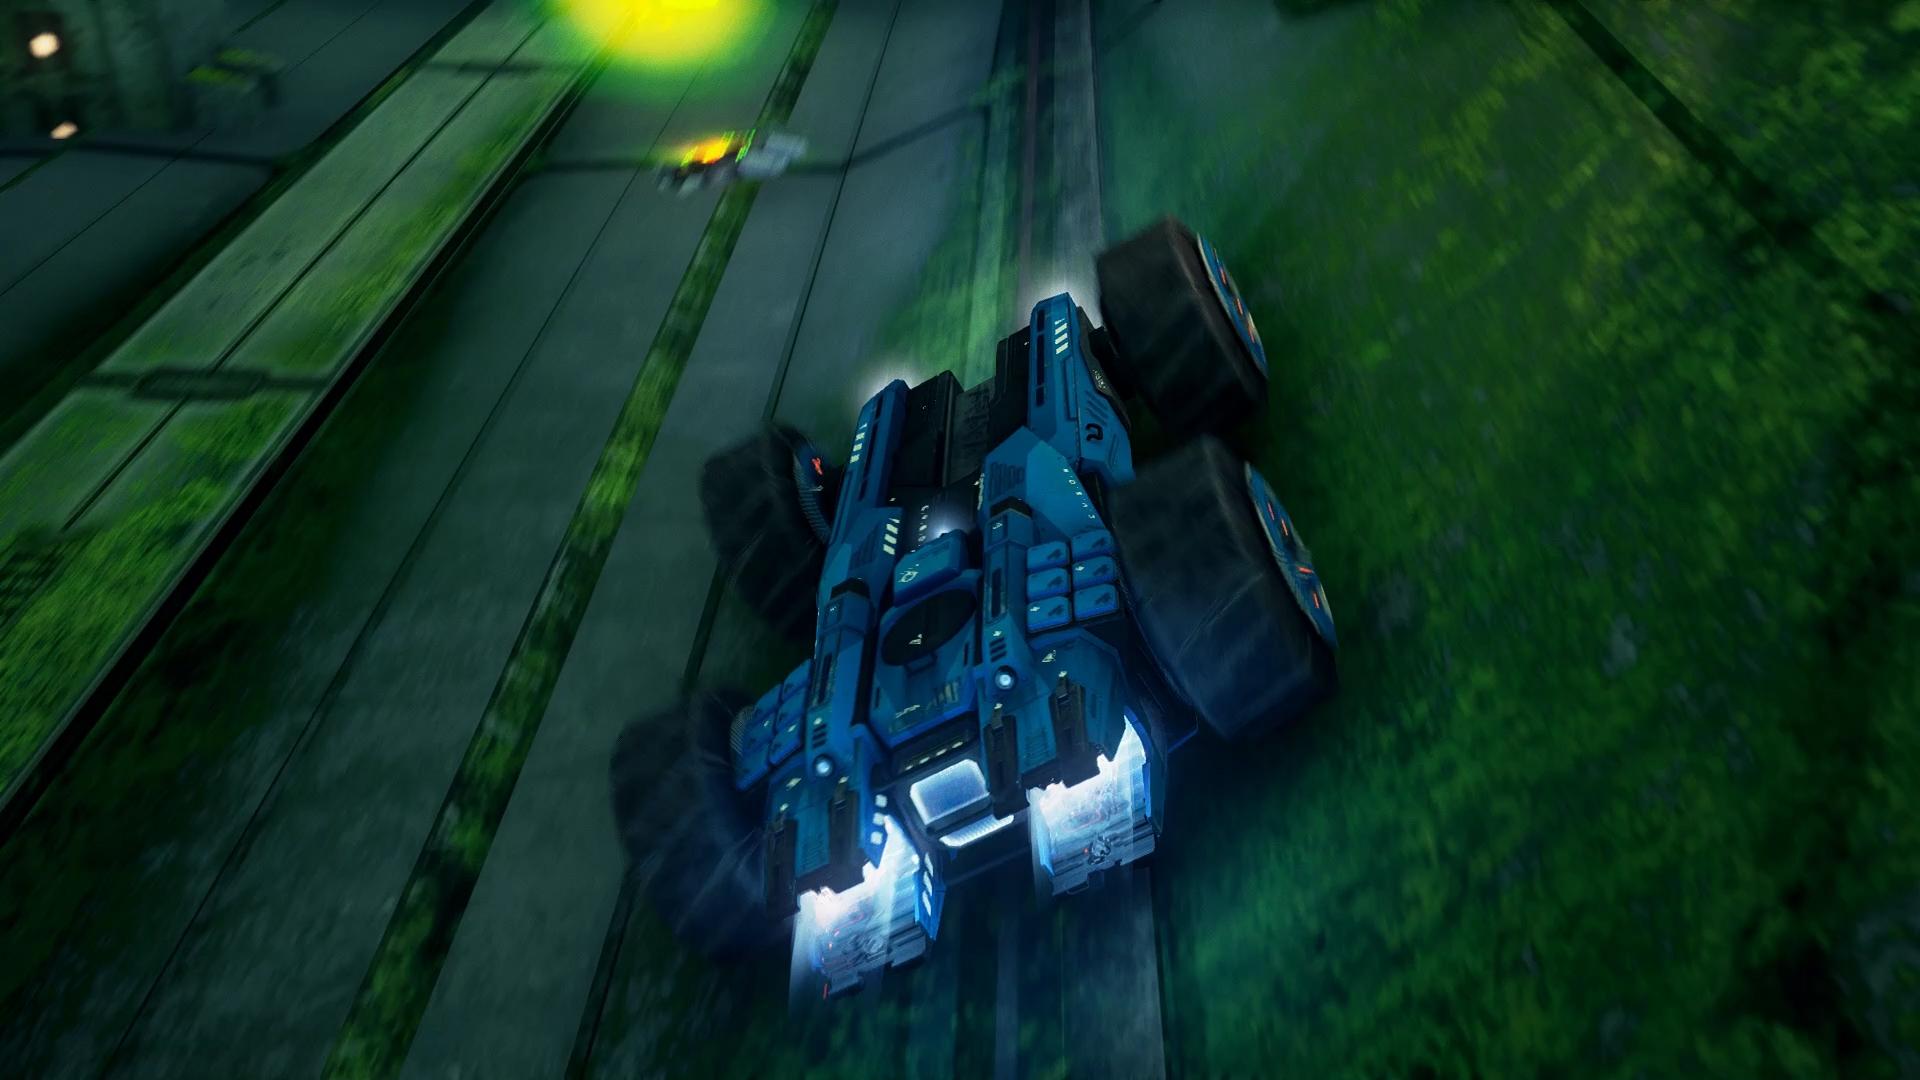 GRIP game image